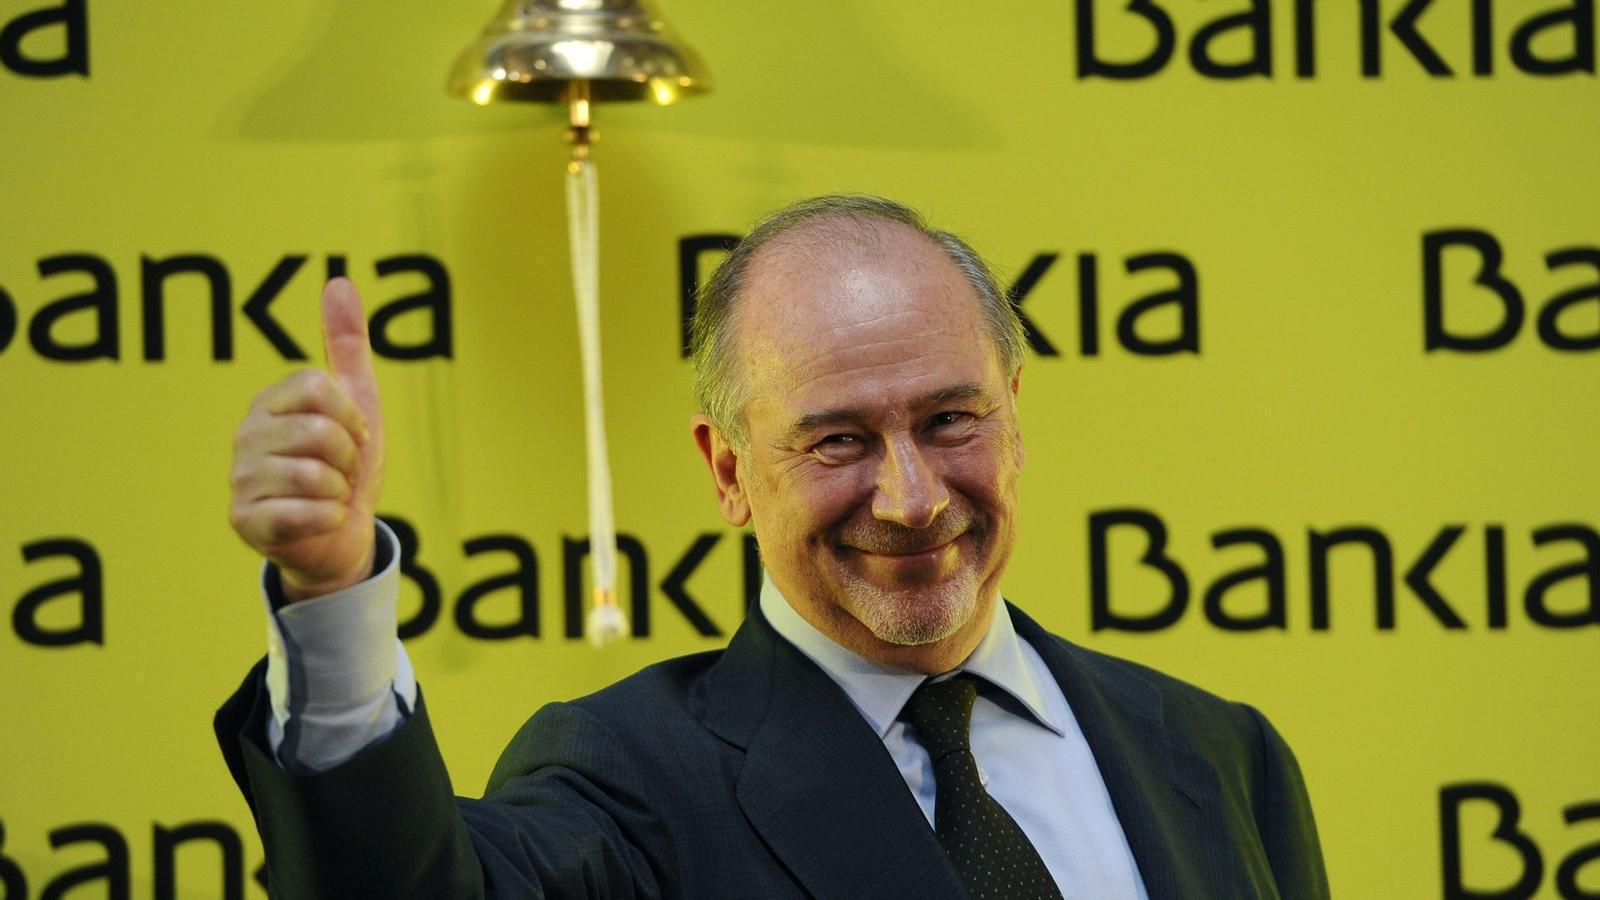 L'INICI D'UN CALVARI QUE JA DURA 18 MESOS  Rodrigo Rato somriu el dia de la sortida de Bankia, el 20 de juliol del 2011. El president va dimitir al cap de 10 mesos i ara ja fa dos dies que assessora Telefónica.